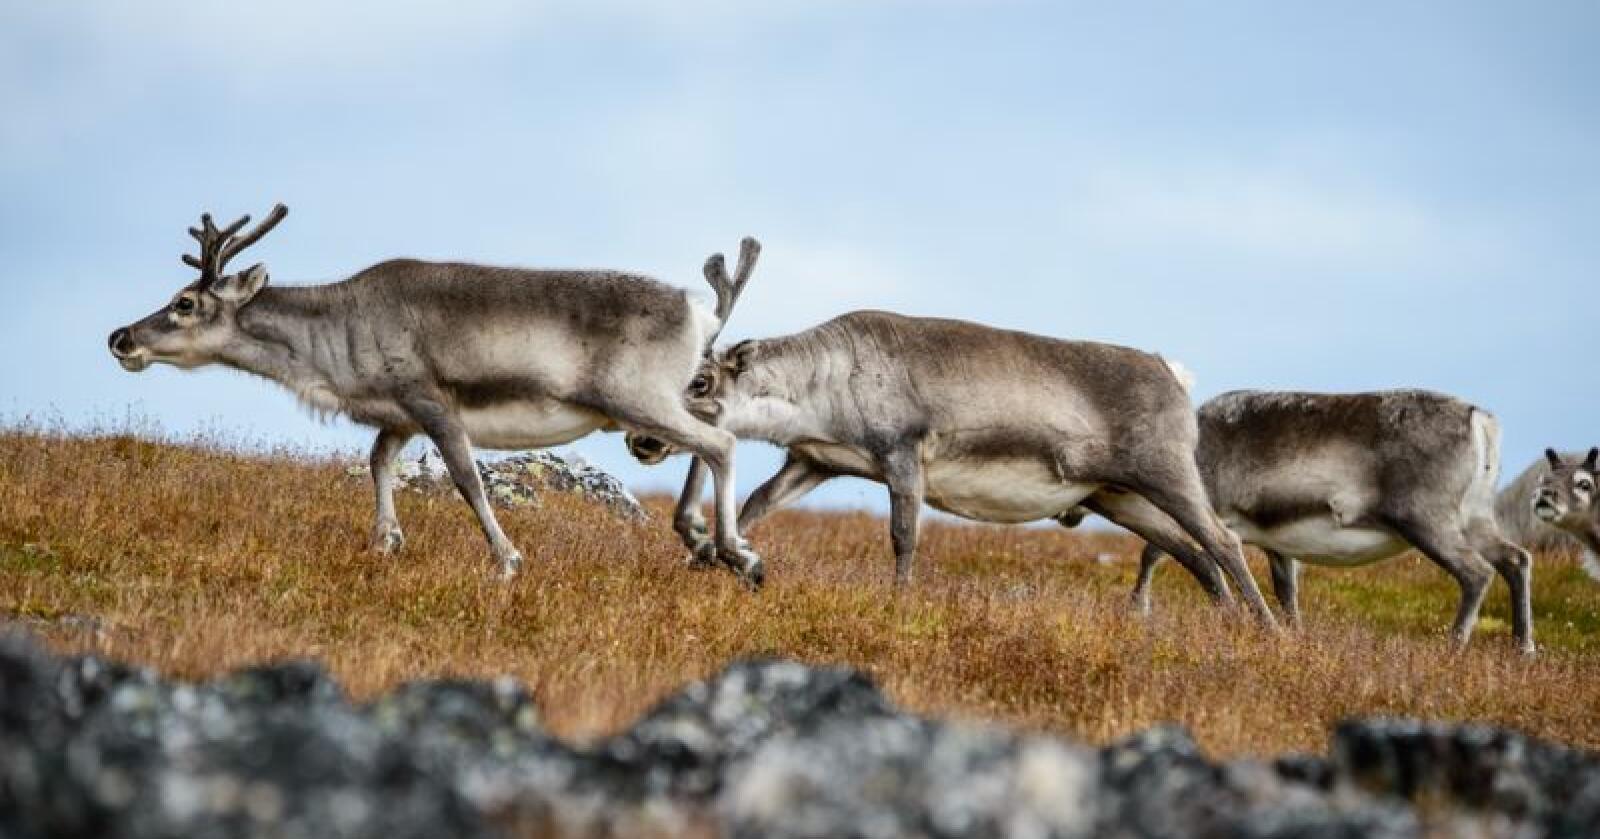 Onsdag utvidet Kriseberedskapsutvalget for Troms og Finnmark området som er rammet. Problemet er dårlige beiter for reinen, den siste tidens snømengder, og vanskelig logistikk for utkjøring av fôr. Foto: Colourbox